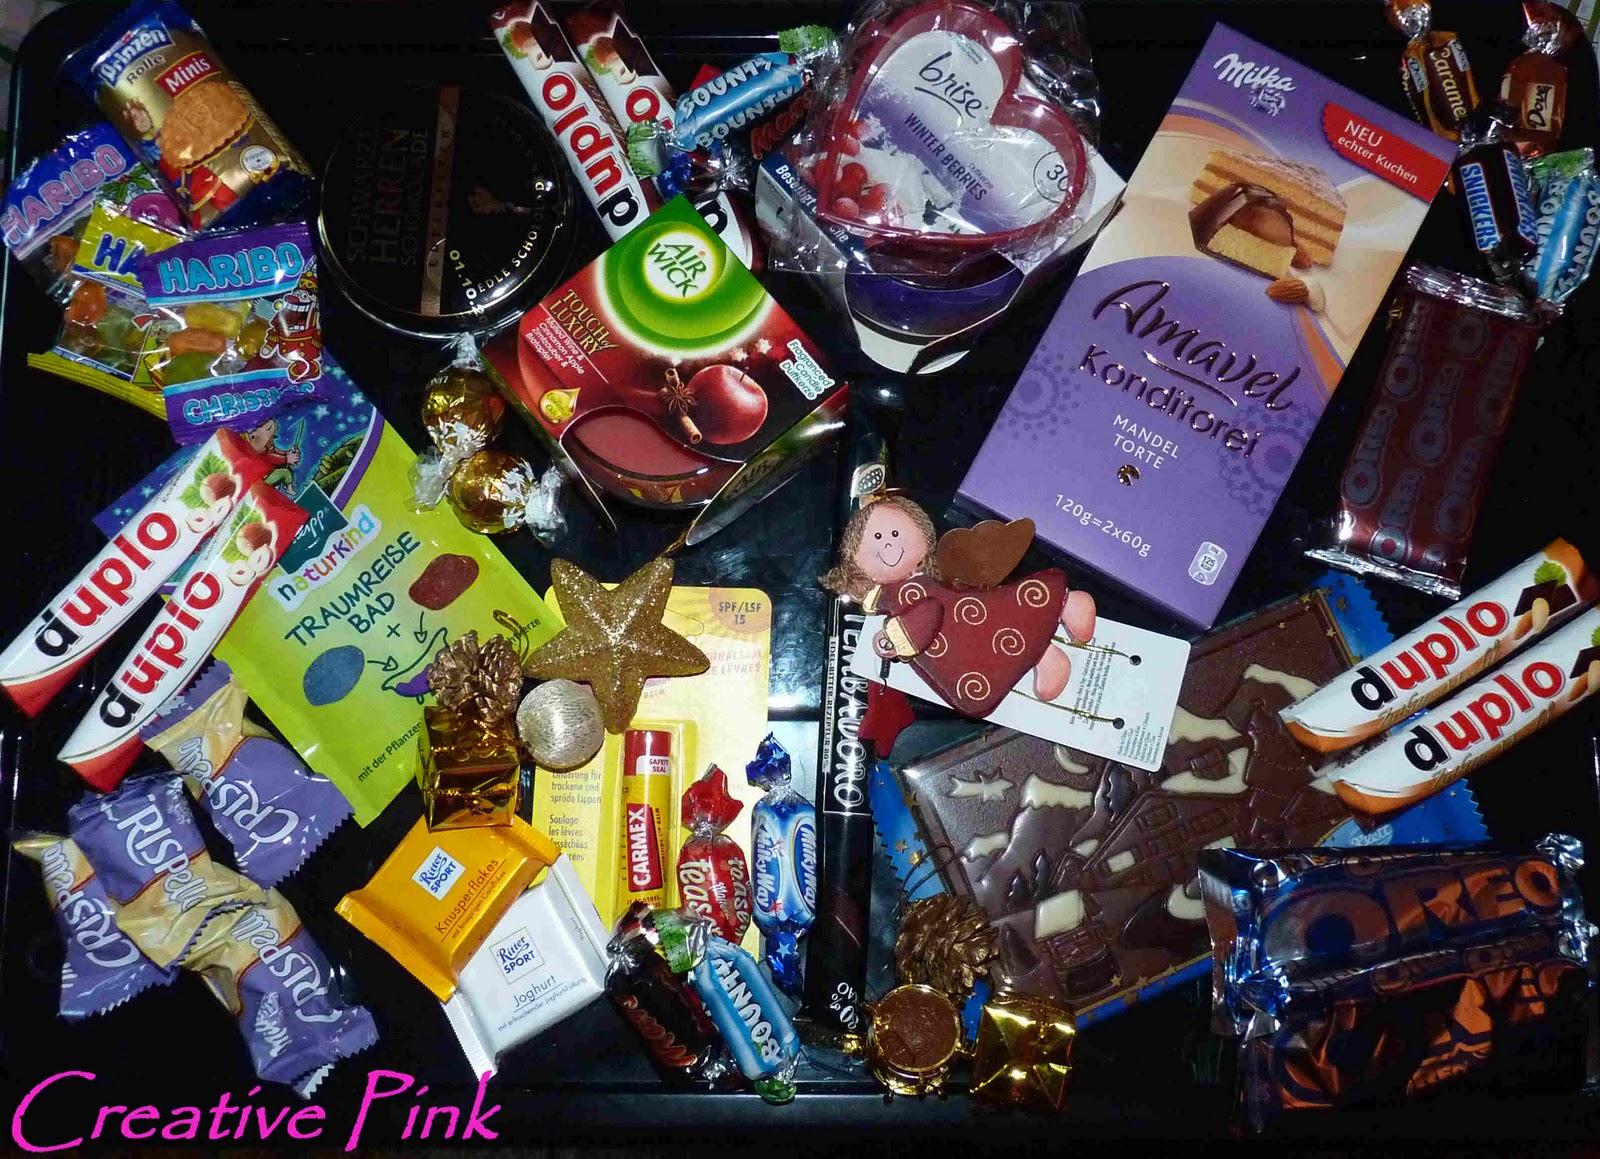 Showroom by creative pink selbstgemachter adventskalender diy - Adventskalender selber machen ideen freund ...